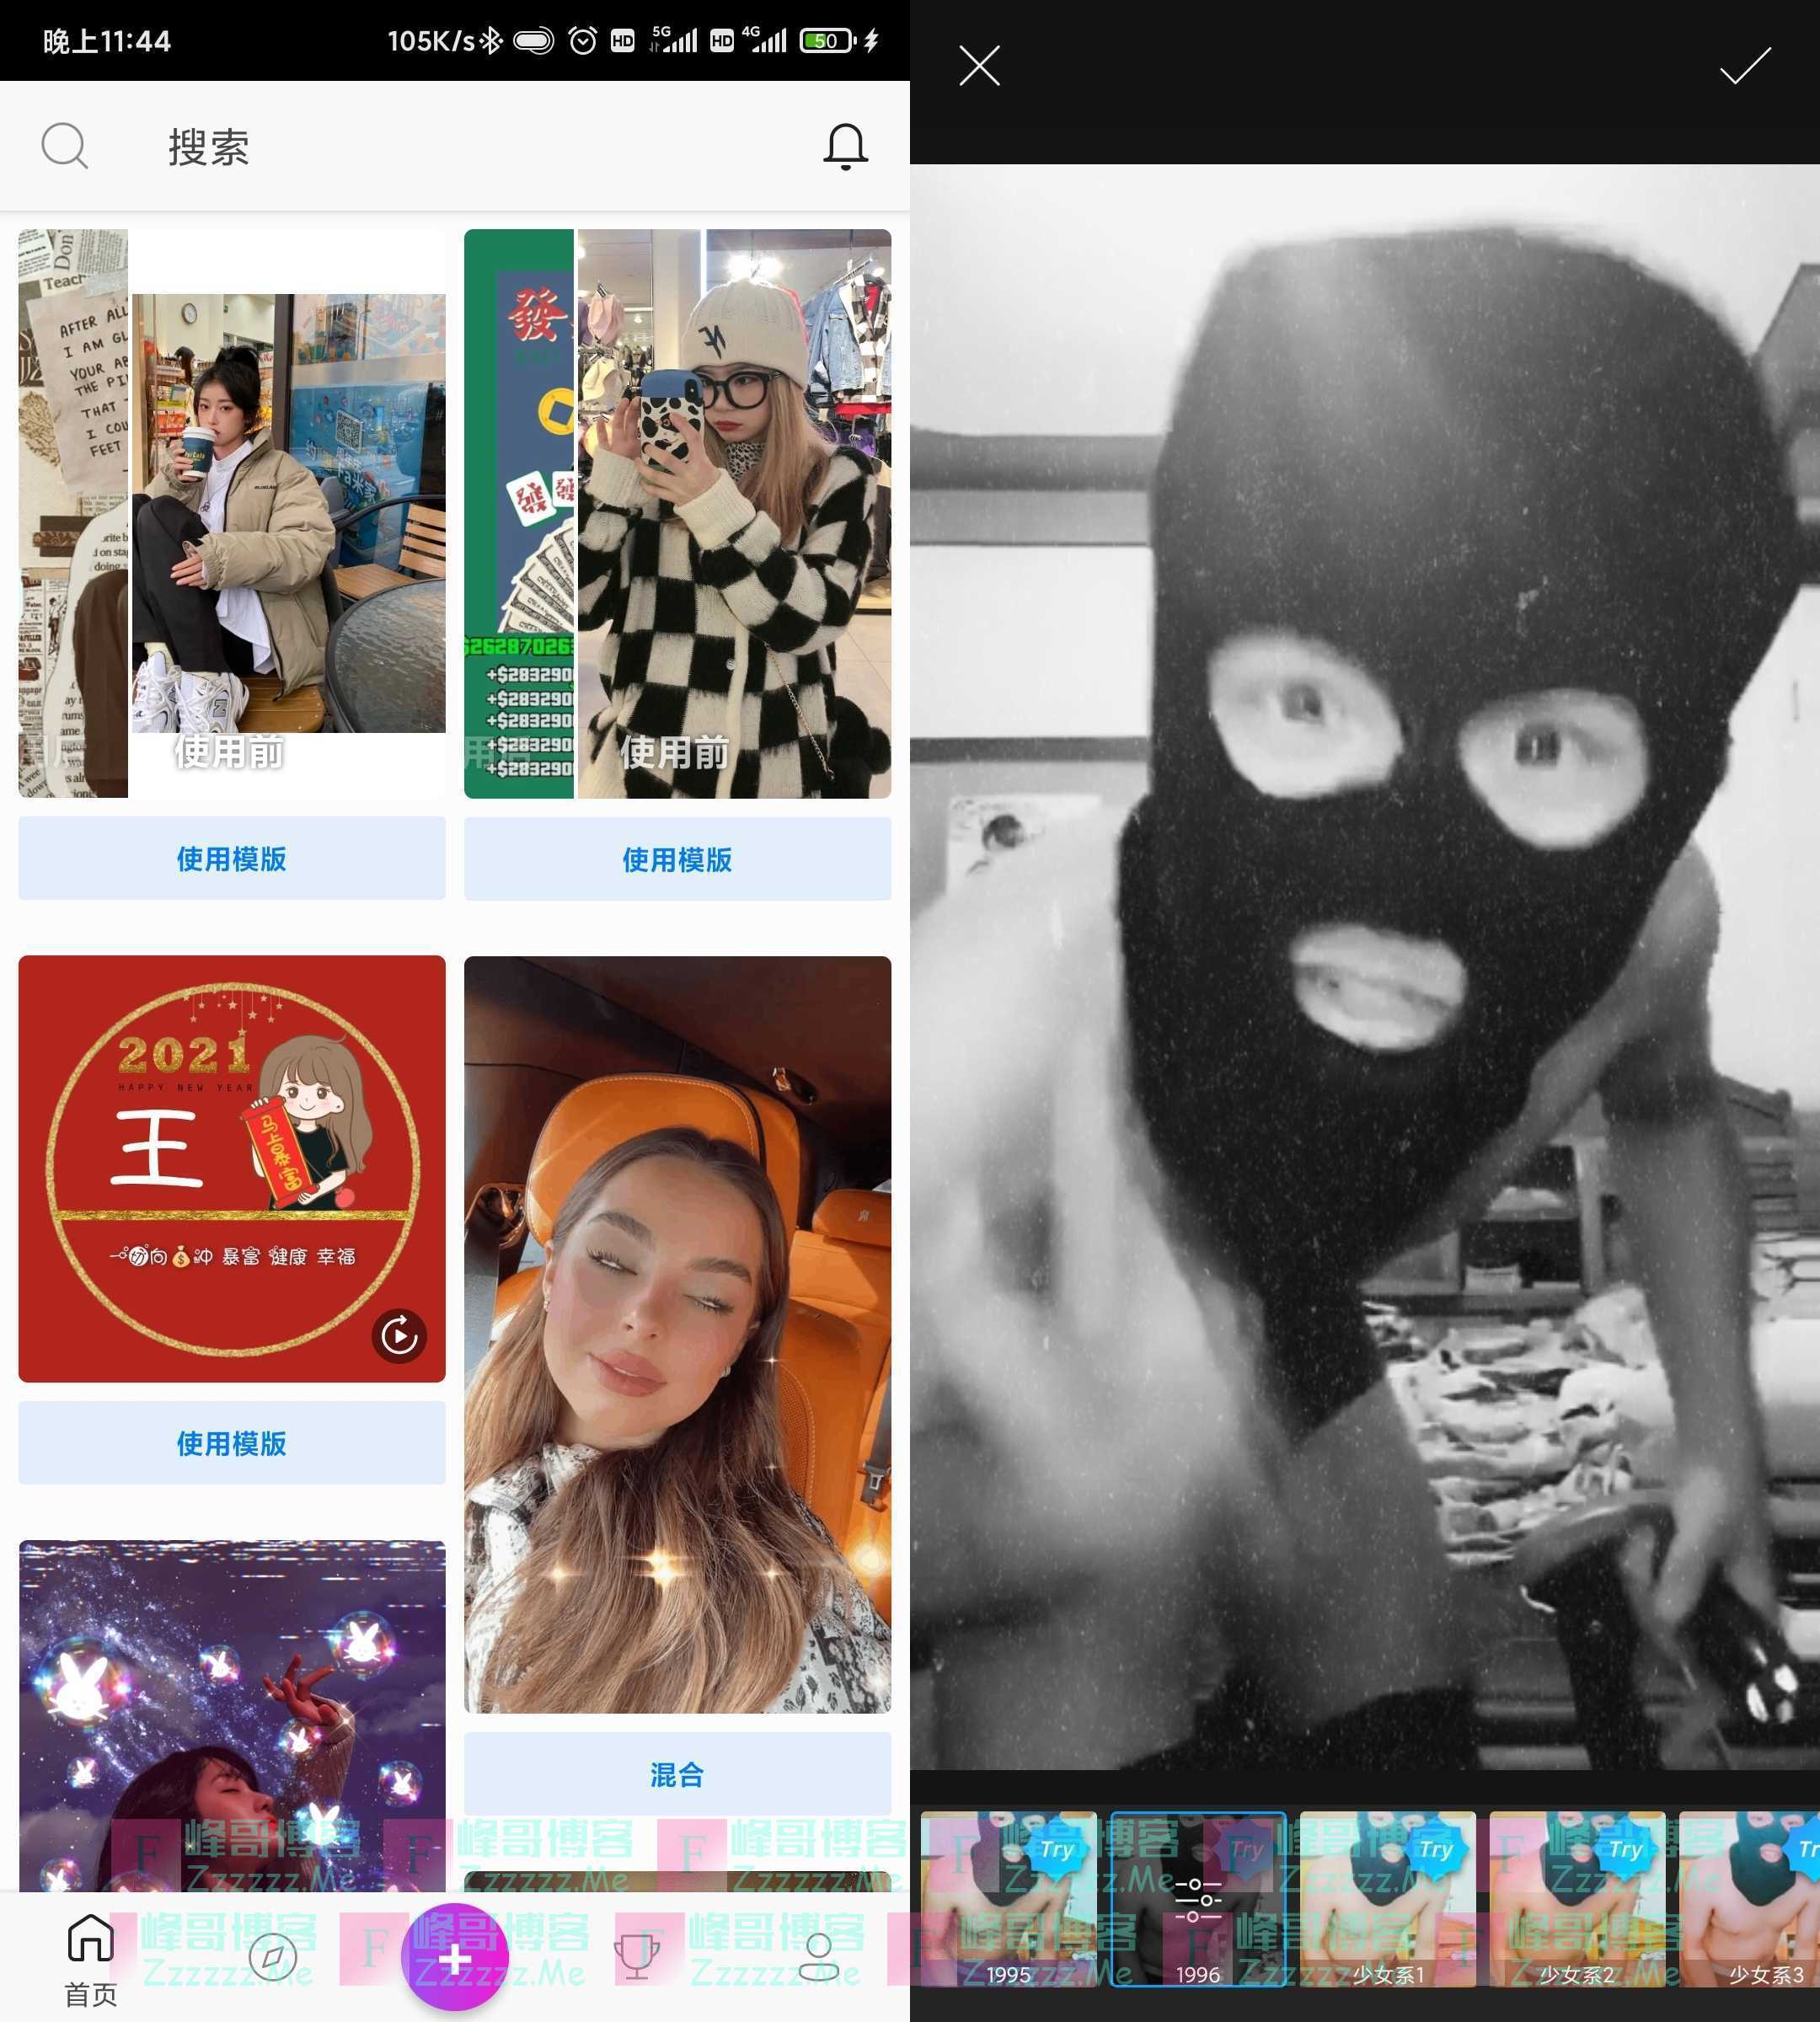 安卓PicsArt美易照片编辑V16.4.53 PicsArt照片编辑VIP破解版下载